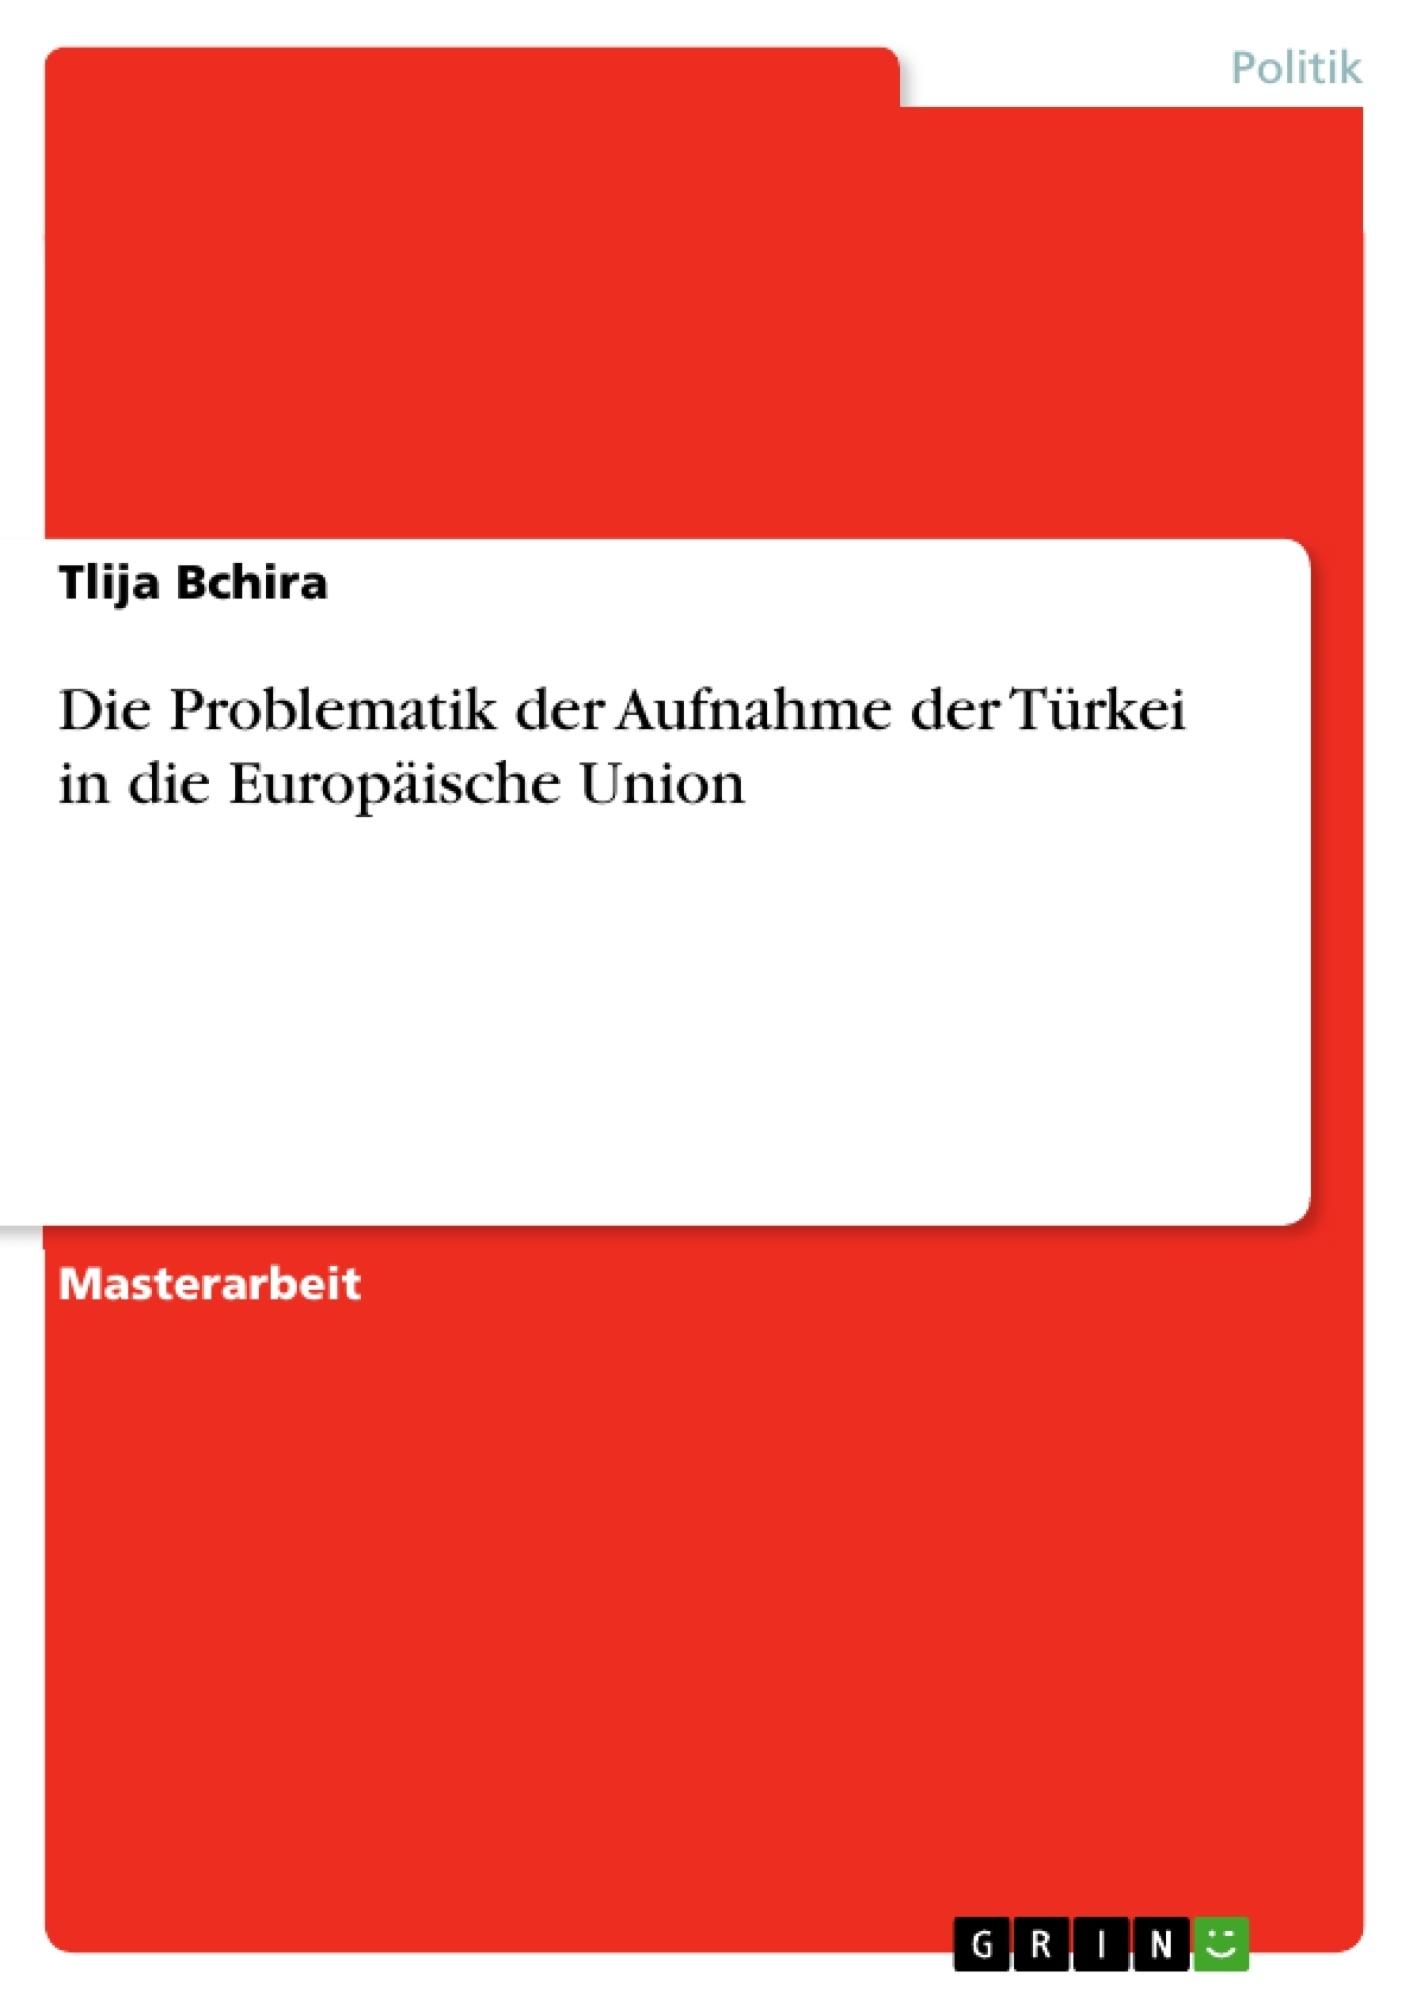 Titel: Die Problematik der Aufnahme der Türkei in die Europäische Union